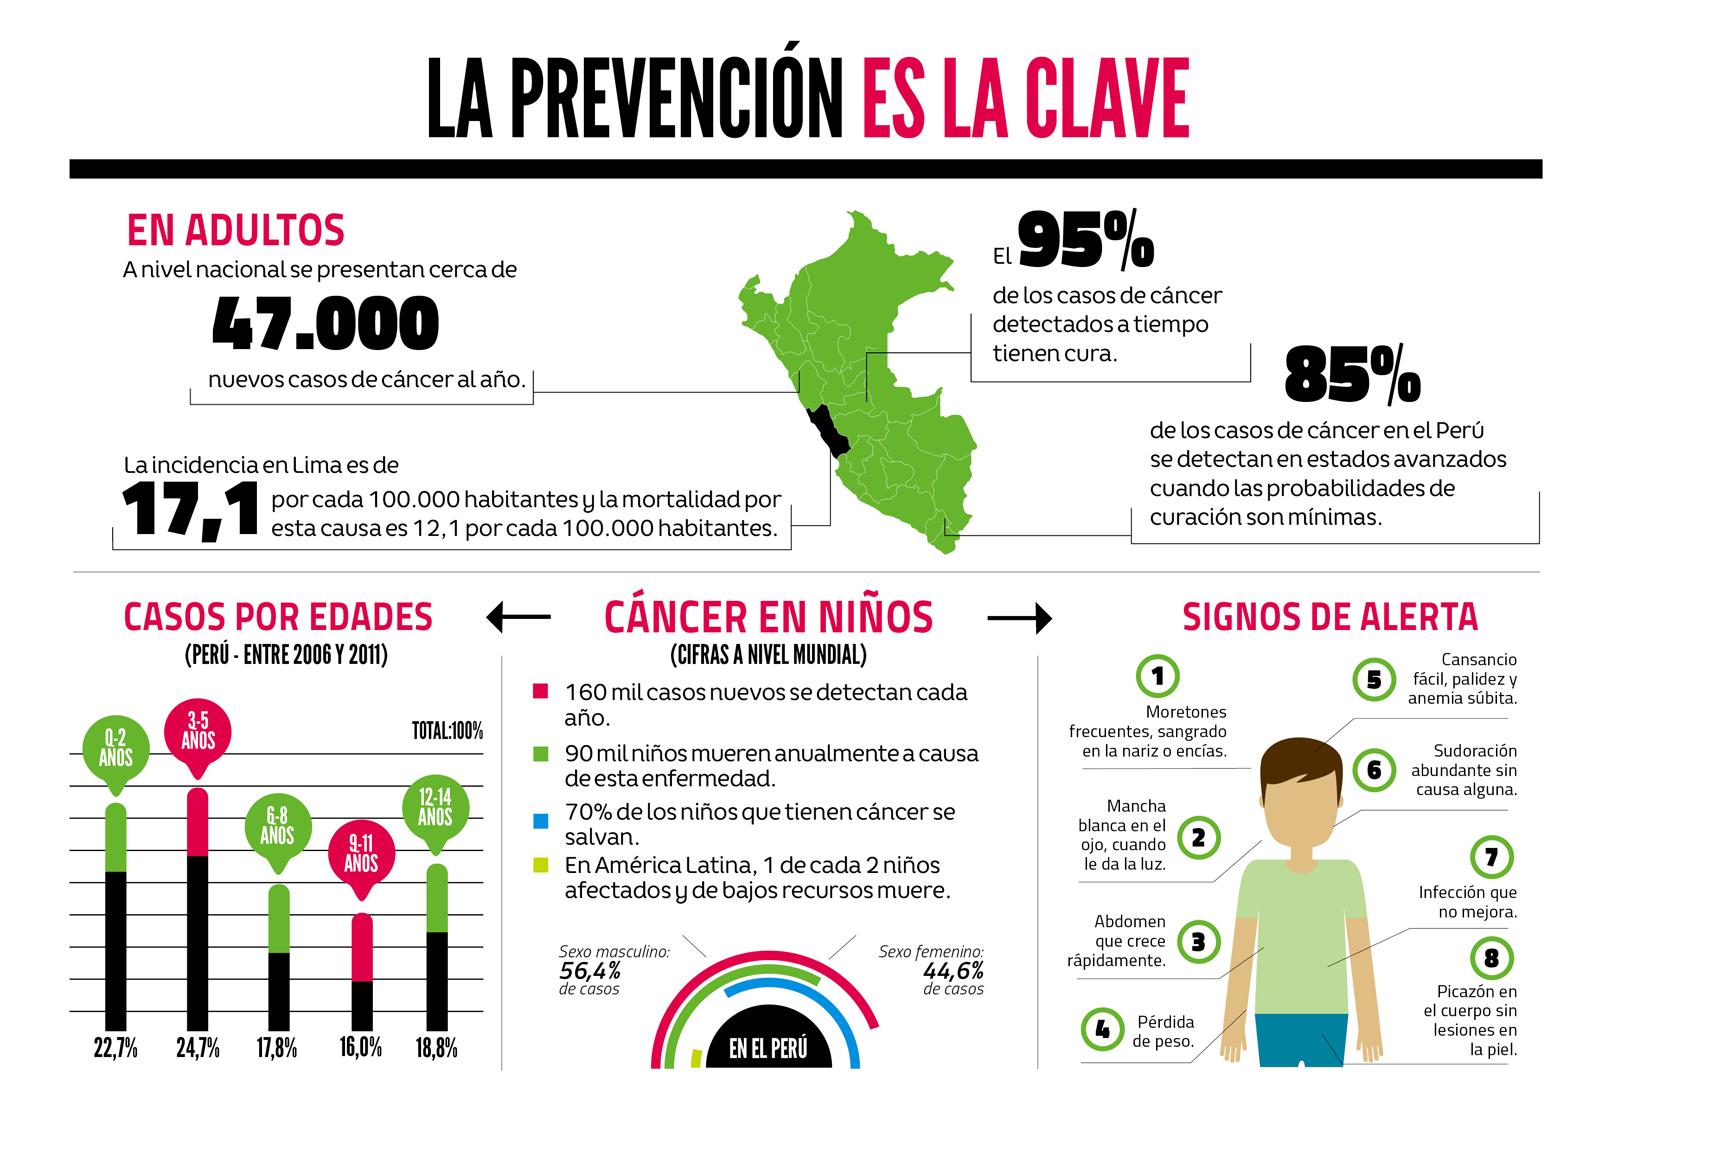 ¿Cuántos casos de cáncer hay en el Perú y el mundo?